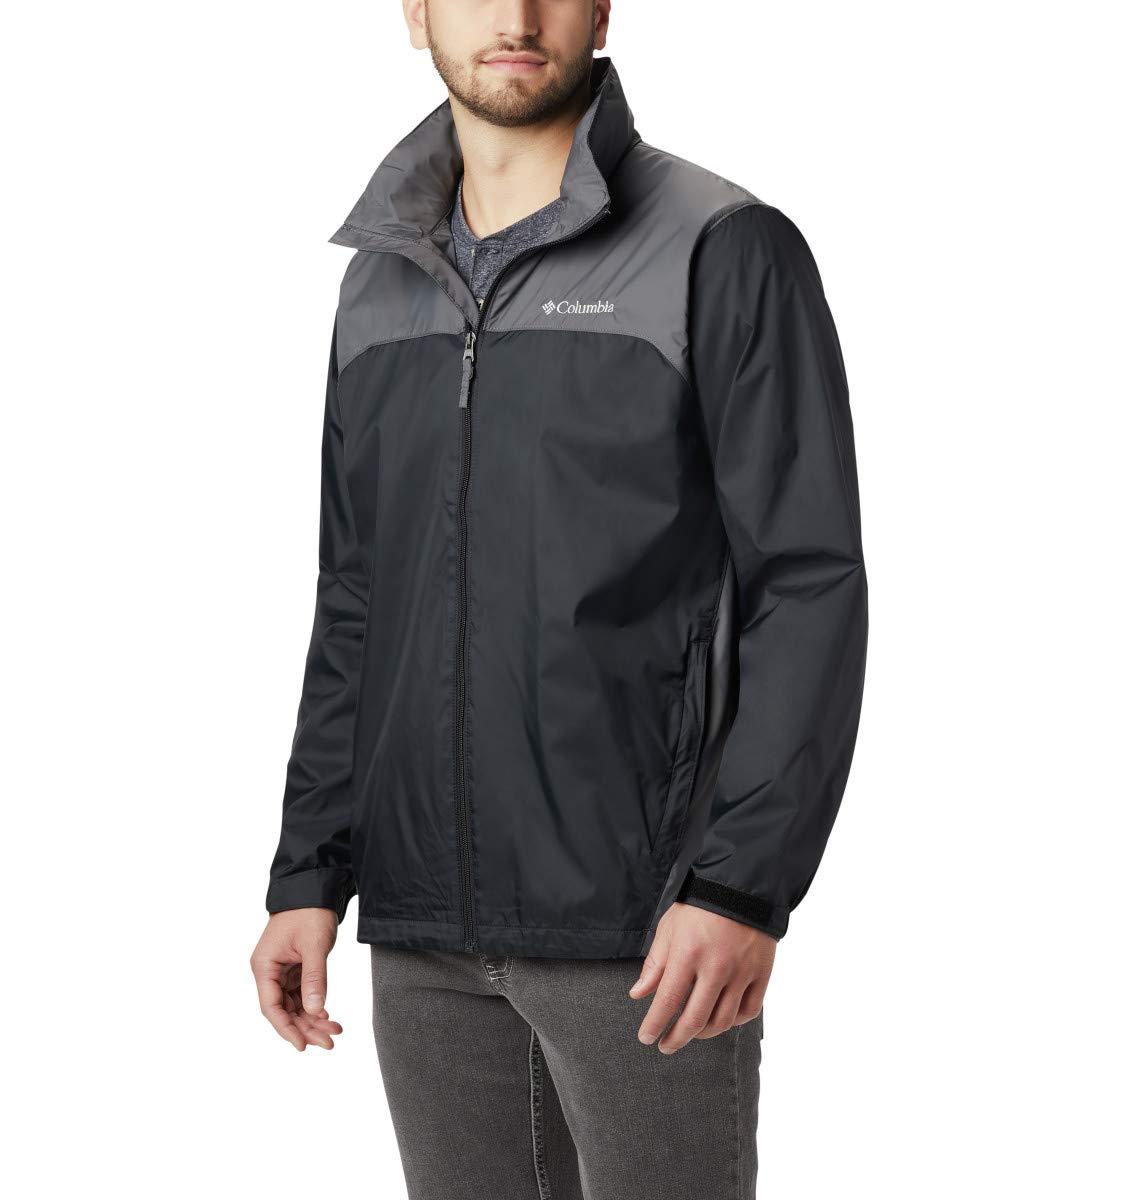 Columbia Men's Big & Tall Glennaker Lake Packable Rain Jacket,Black/Grill,2X/Tall